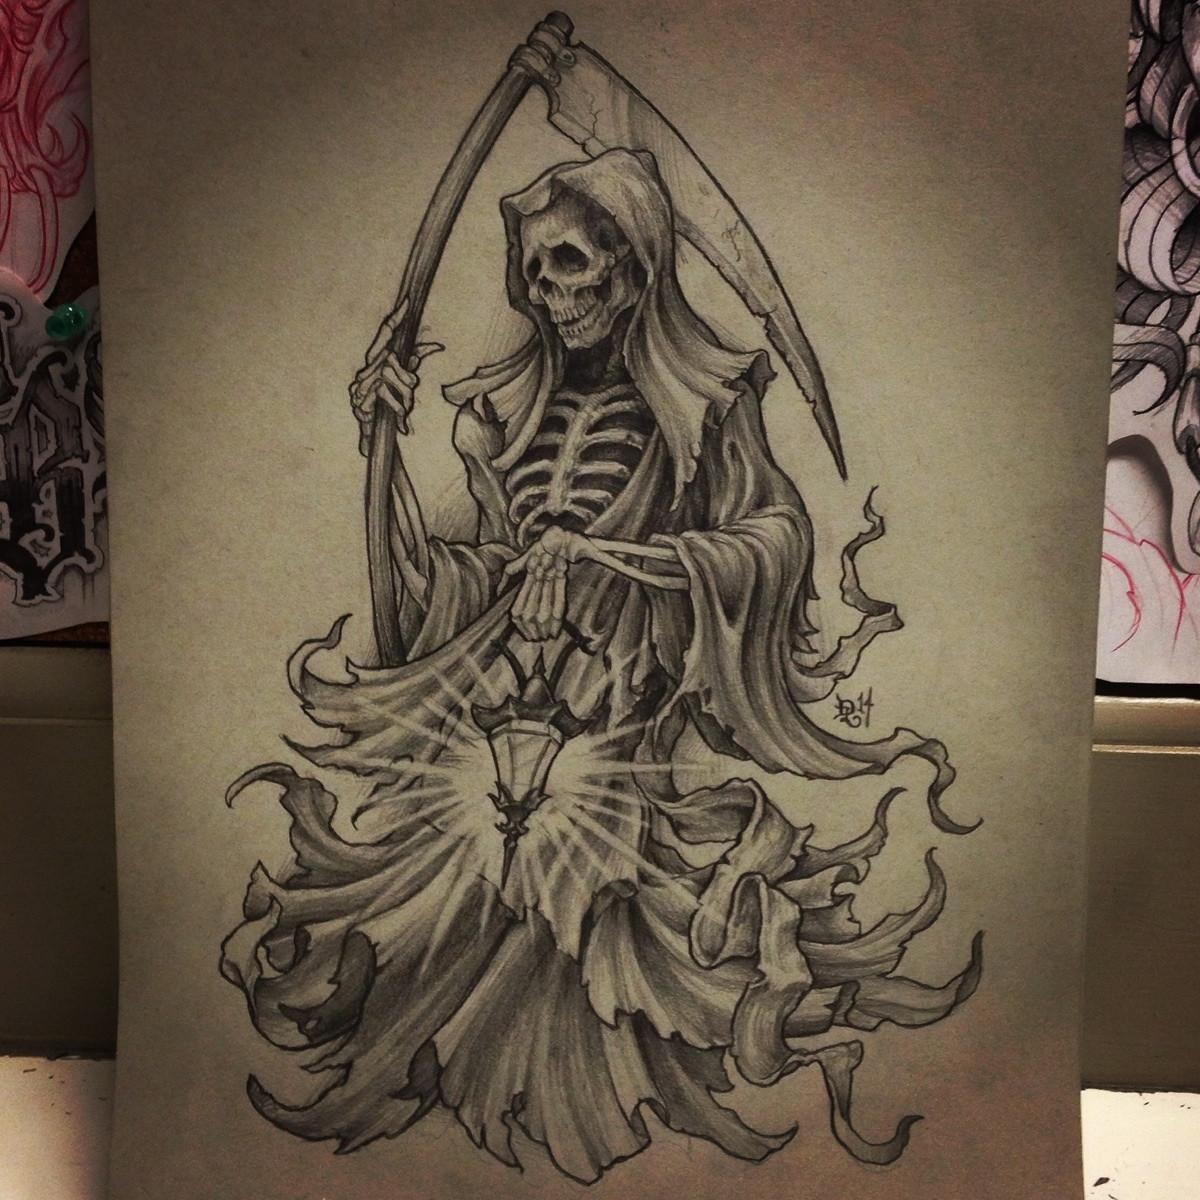 Drawn scythe wicked 9x12